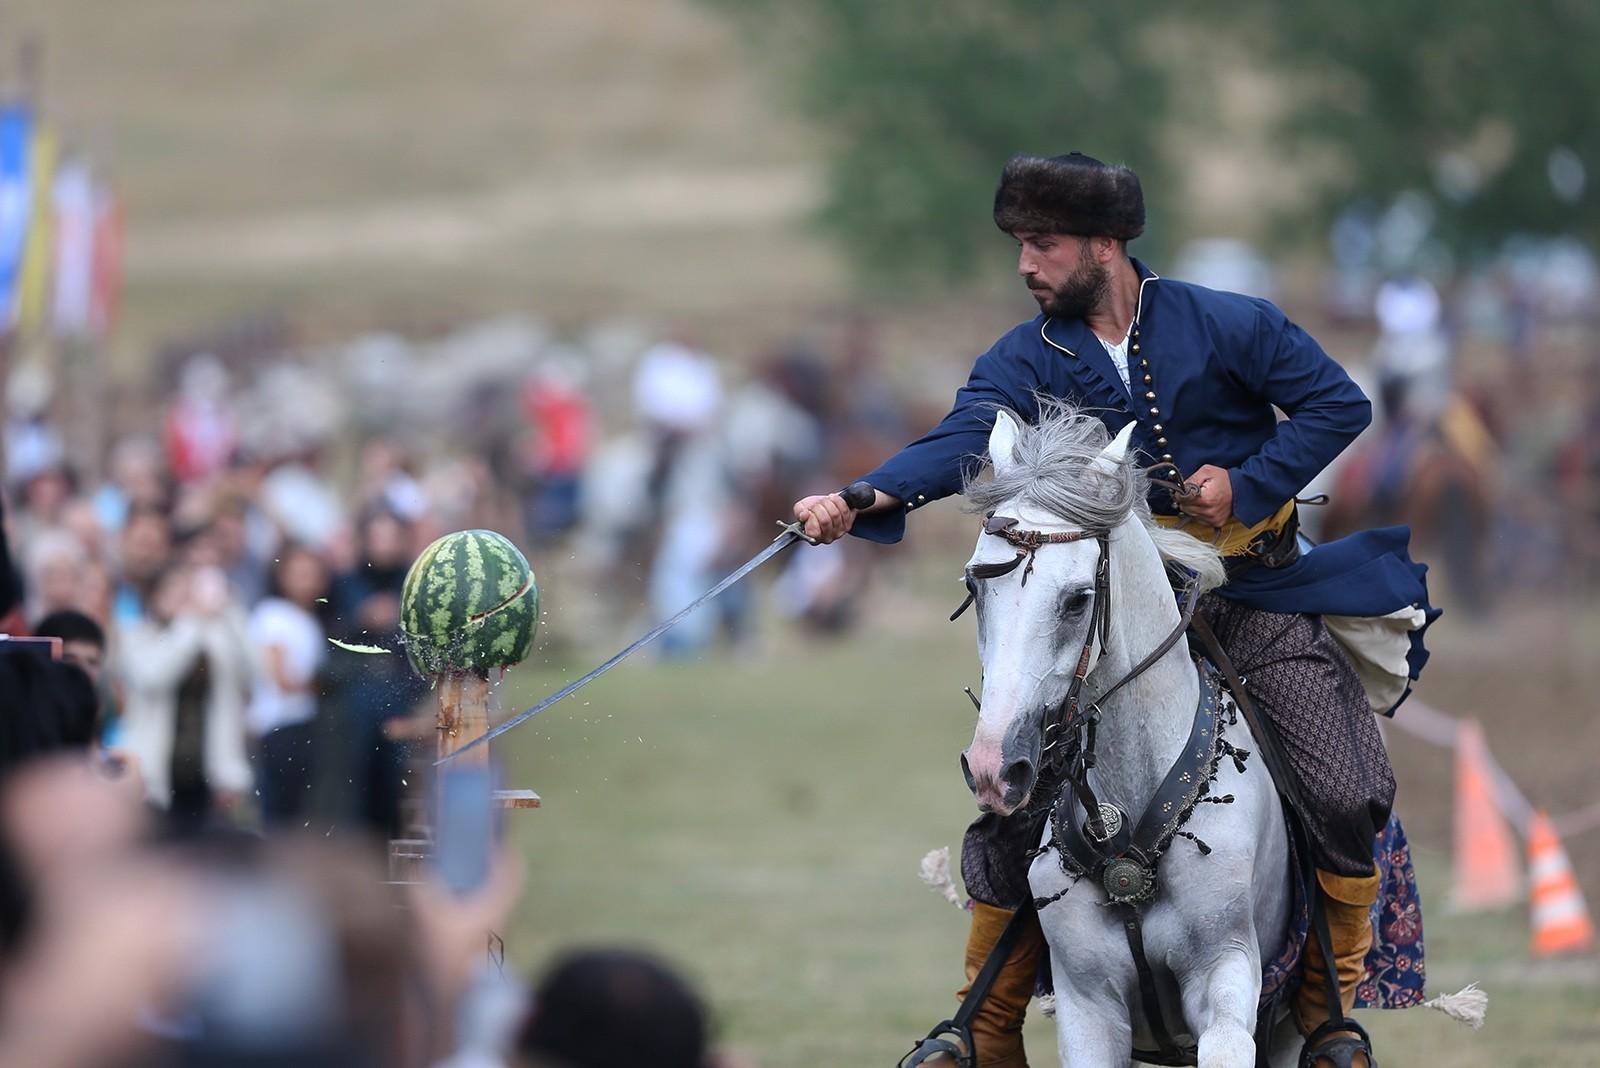 Традиционные виды спорта тюркского мира показали на фестивале в Бурсе